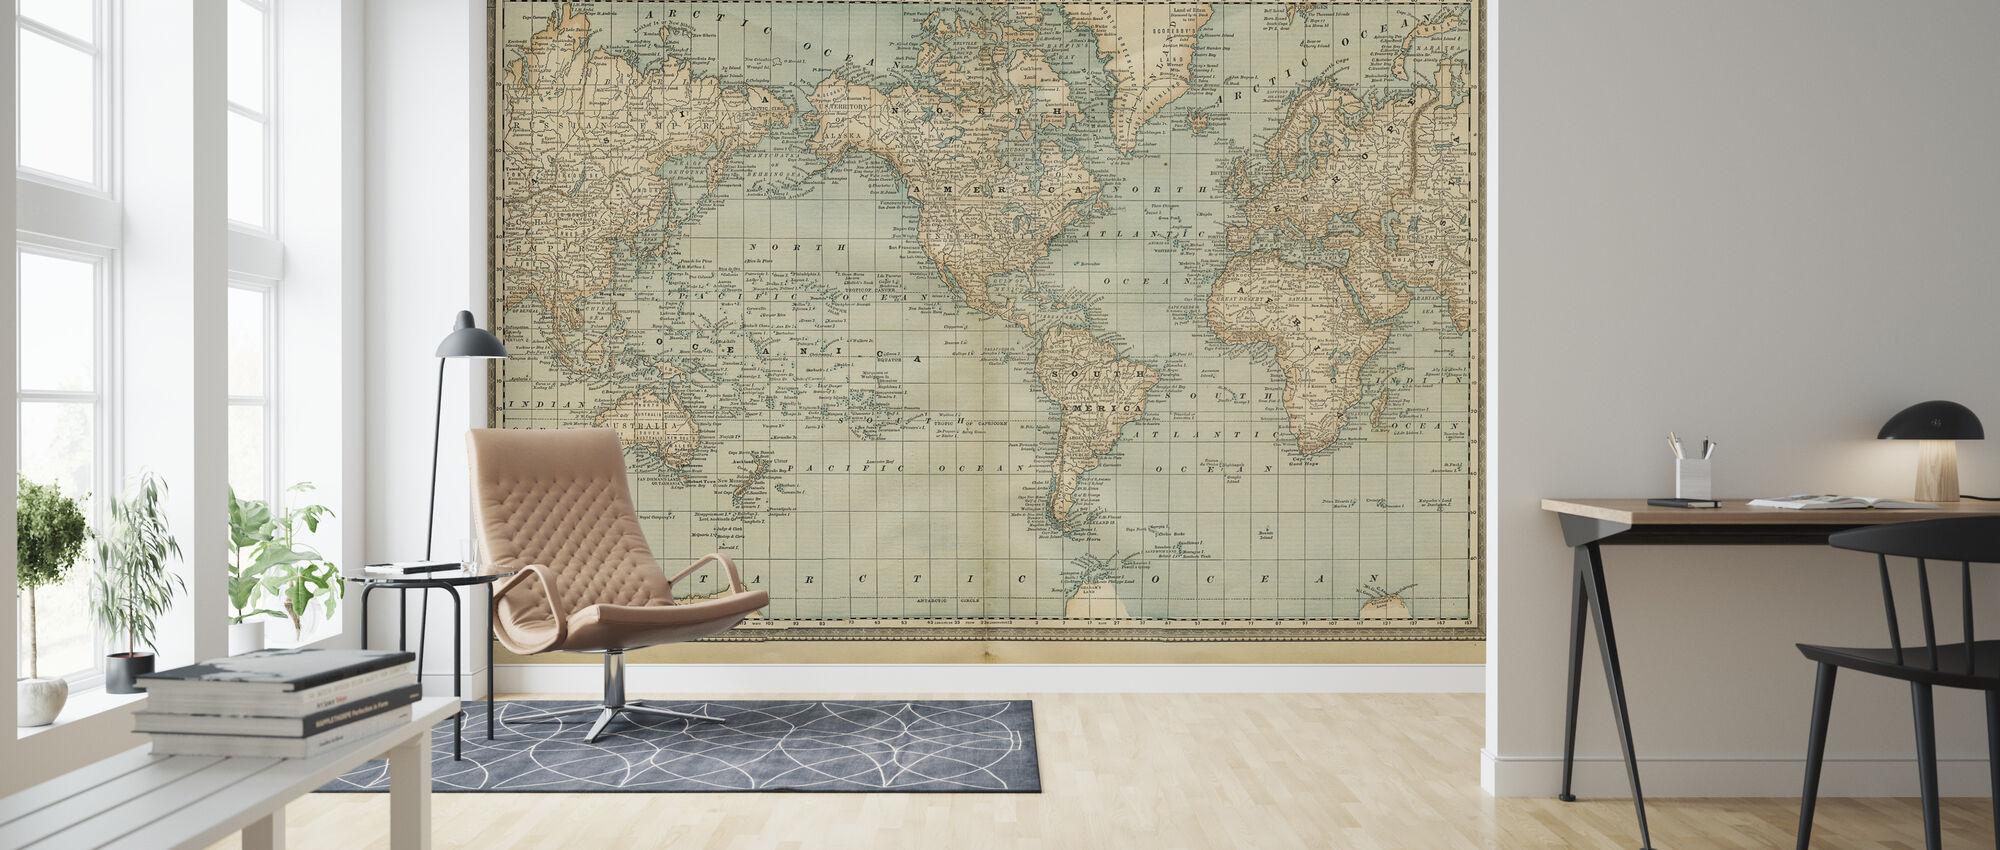 Pale Vintage World Map - Wallpaper - Living Room